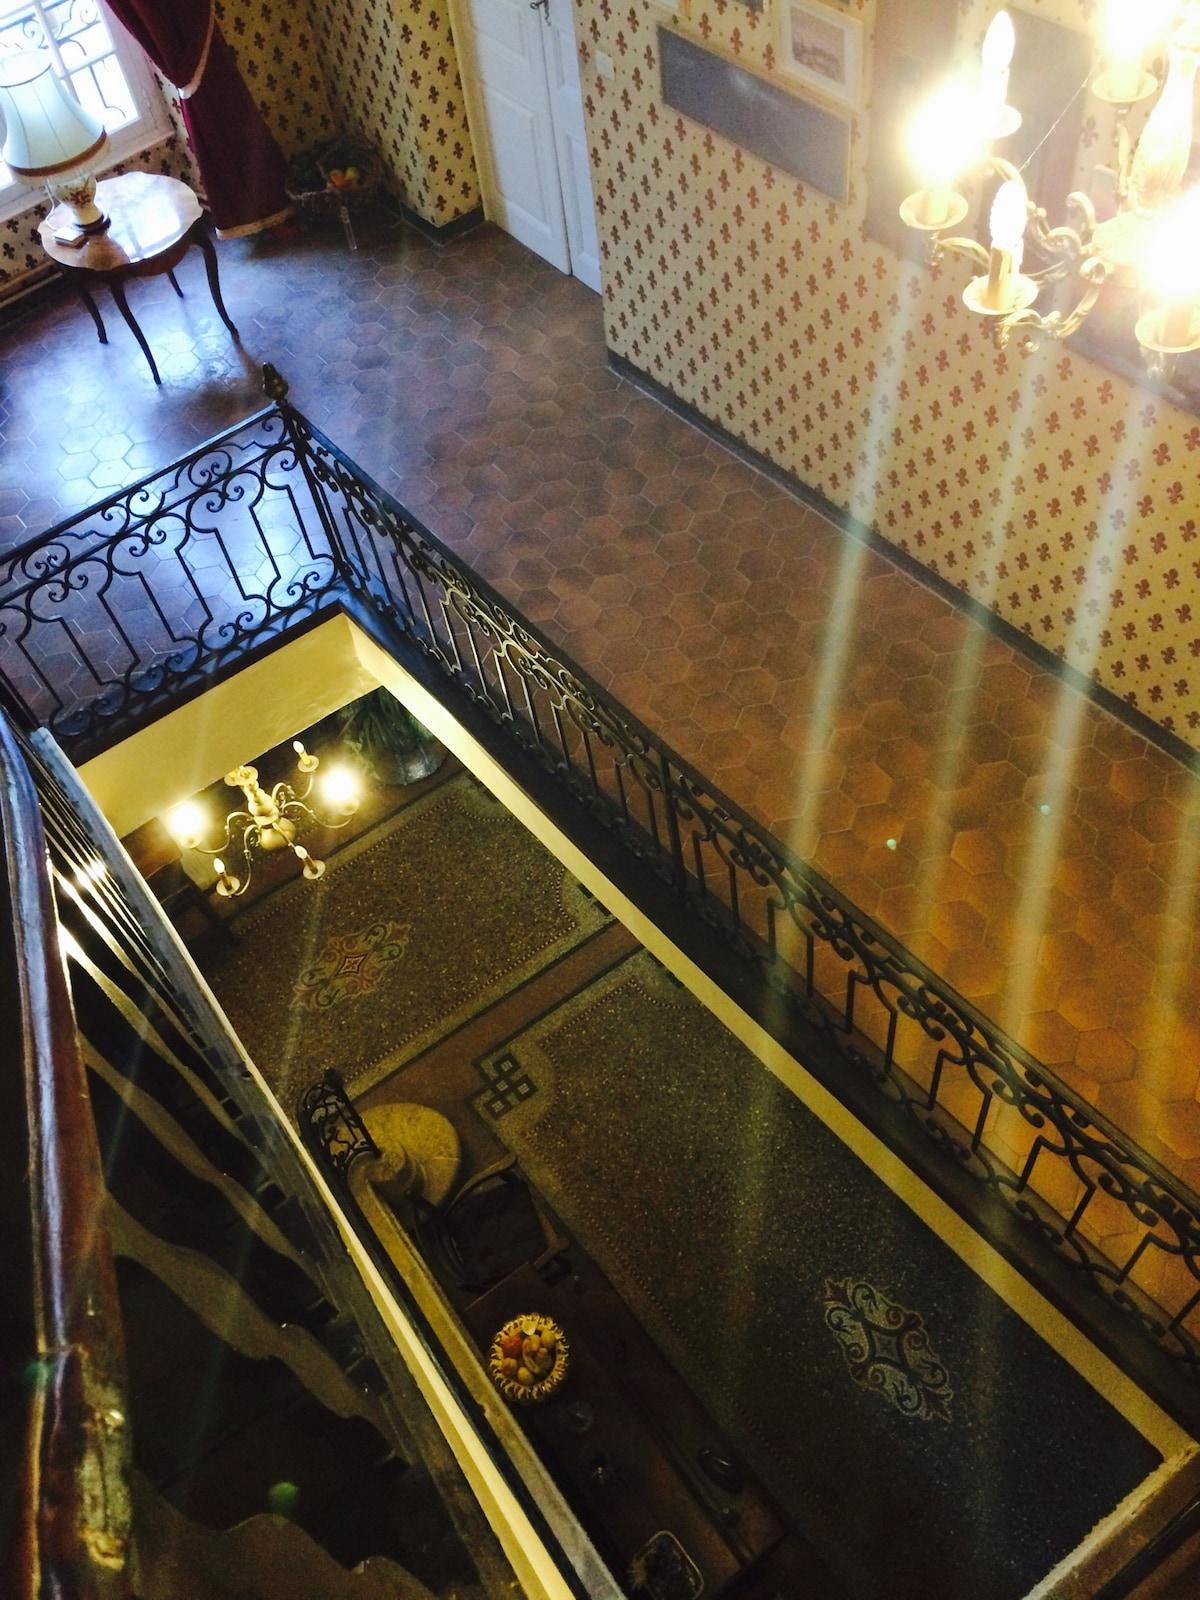 Лестница и холл. Интерьеры дома сохраняют стиль французских шато.